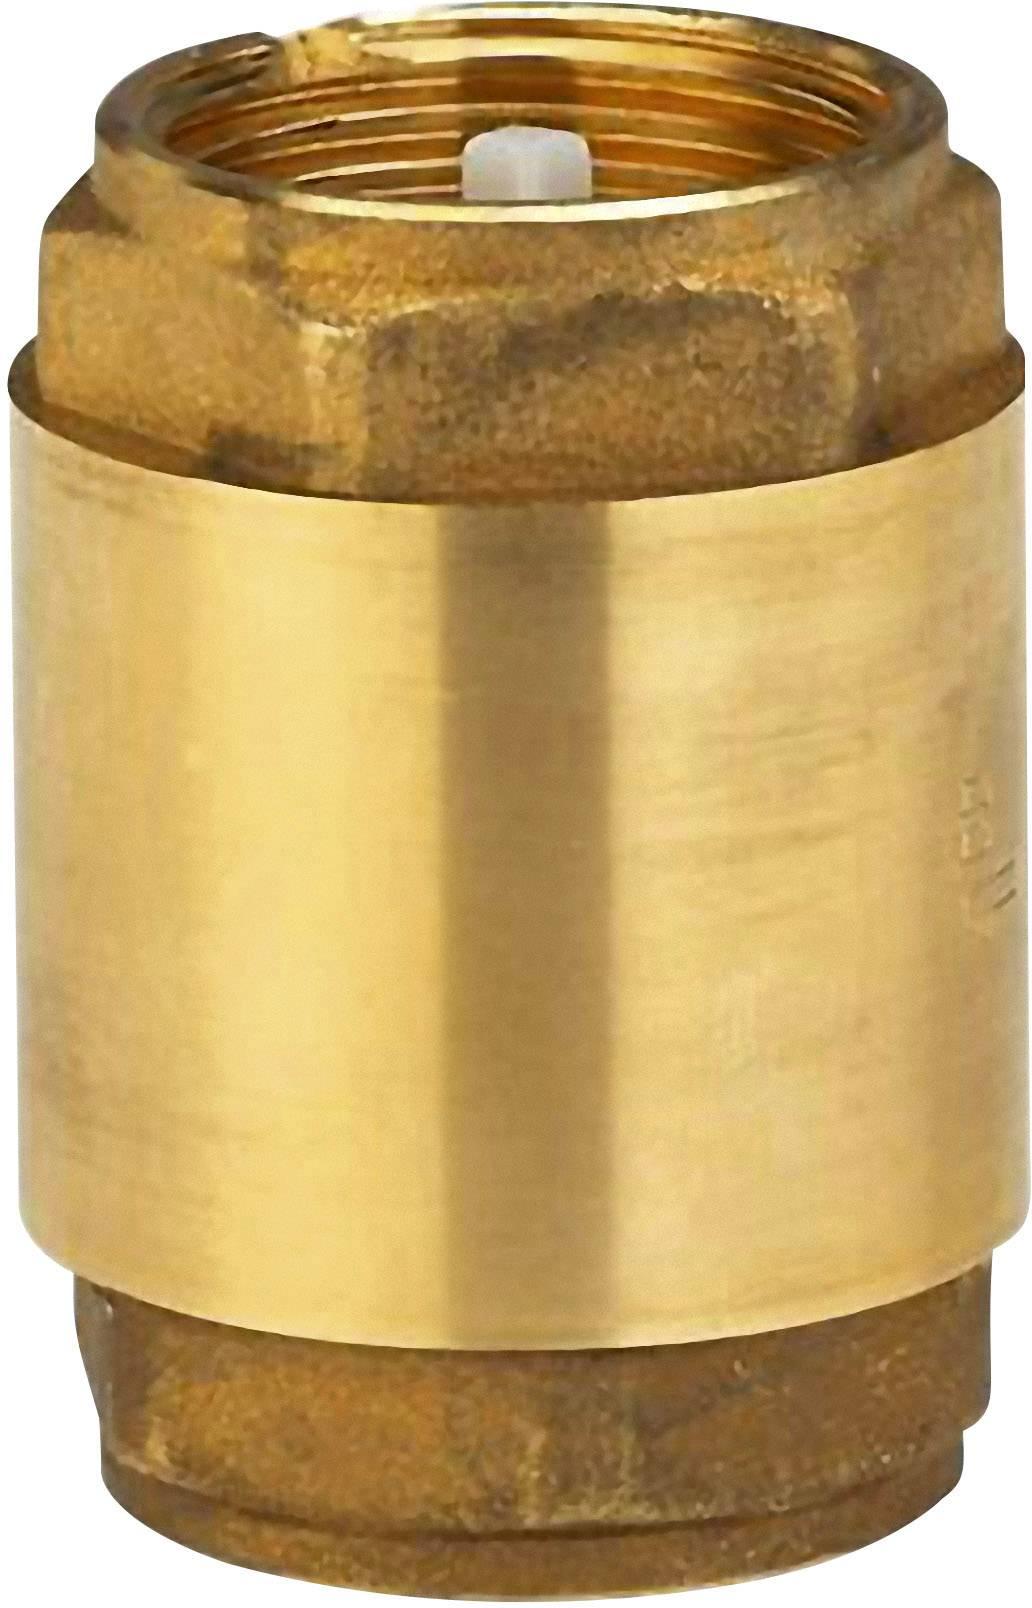 Mosazný meziventil Gardena, 33,3mm (G 1) závit